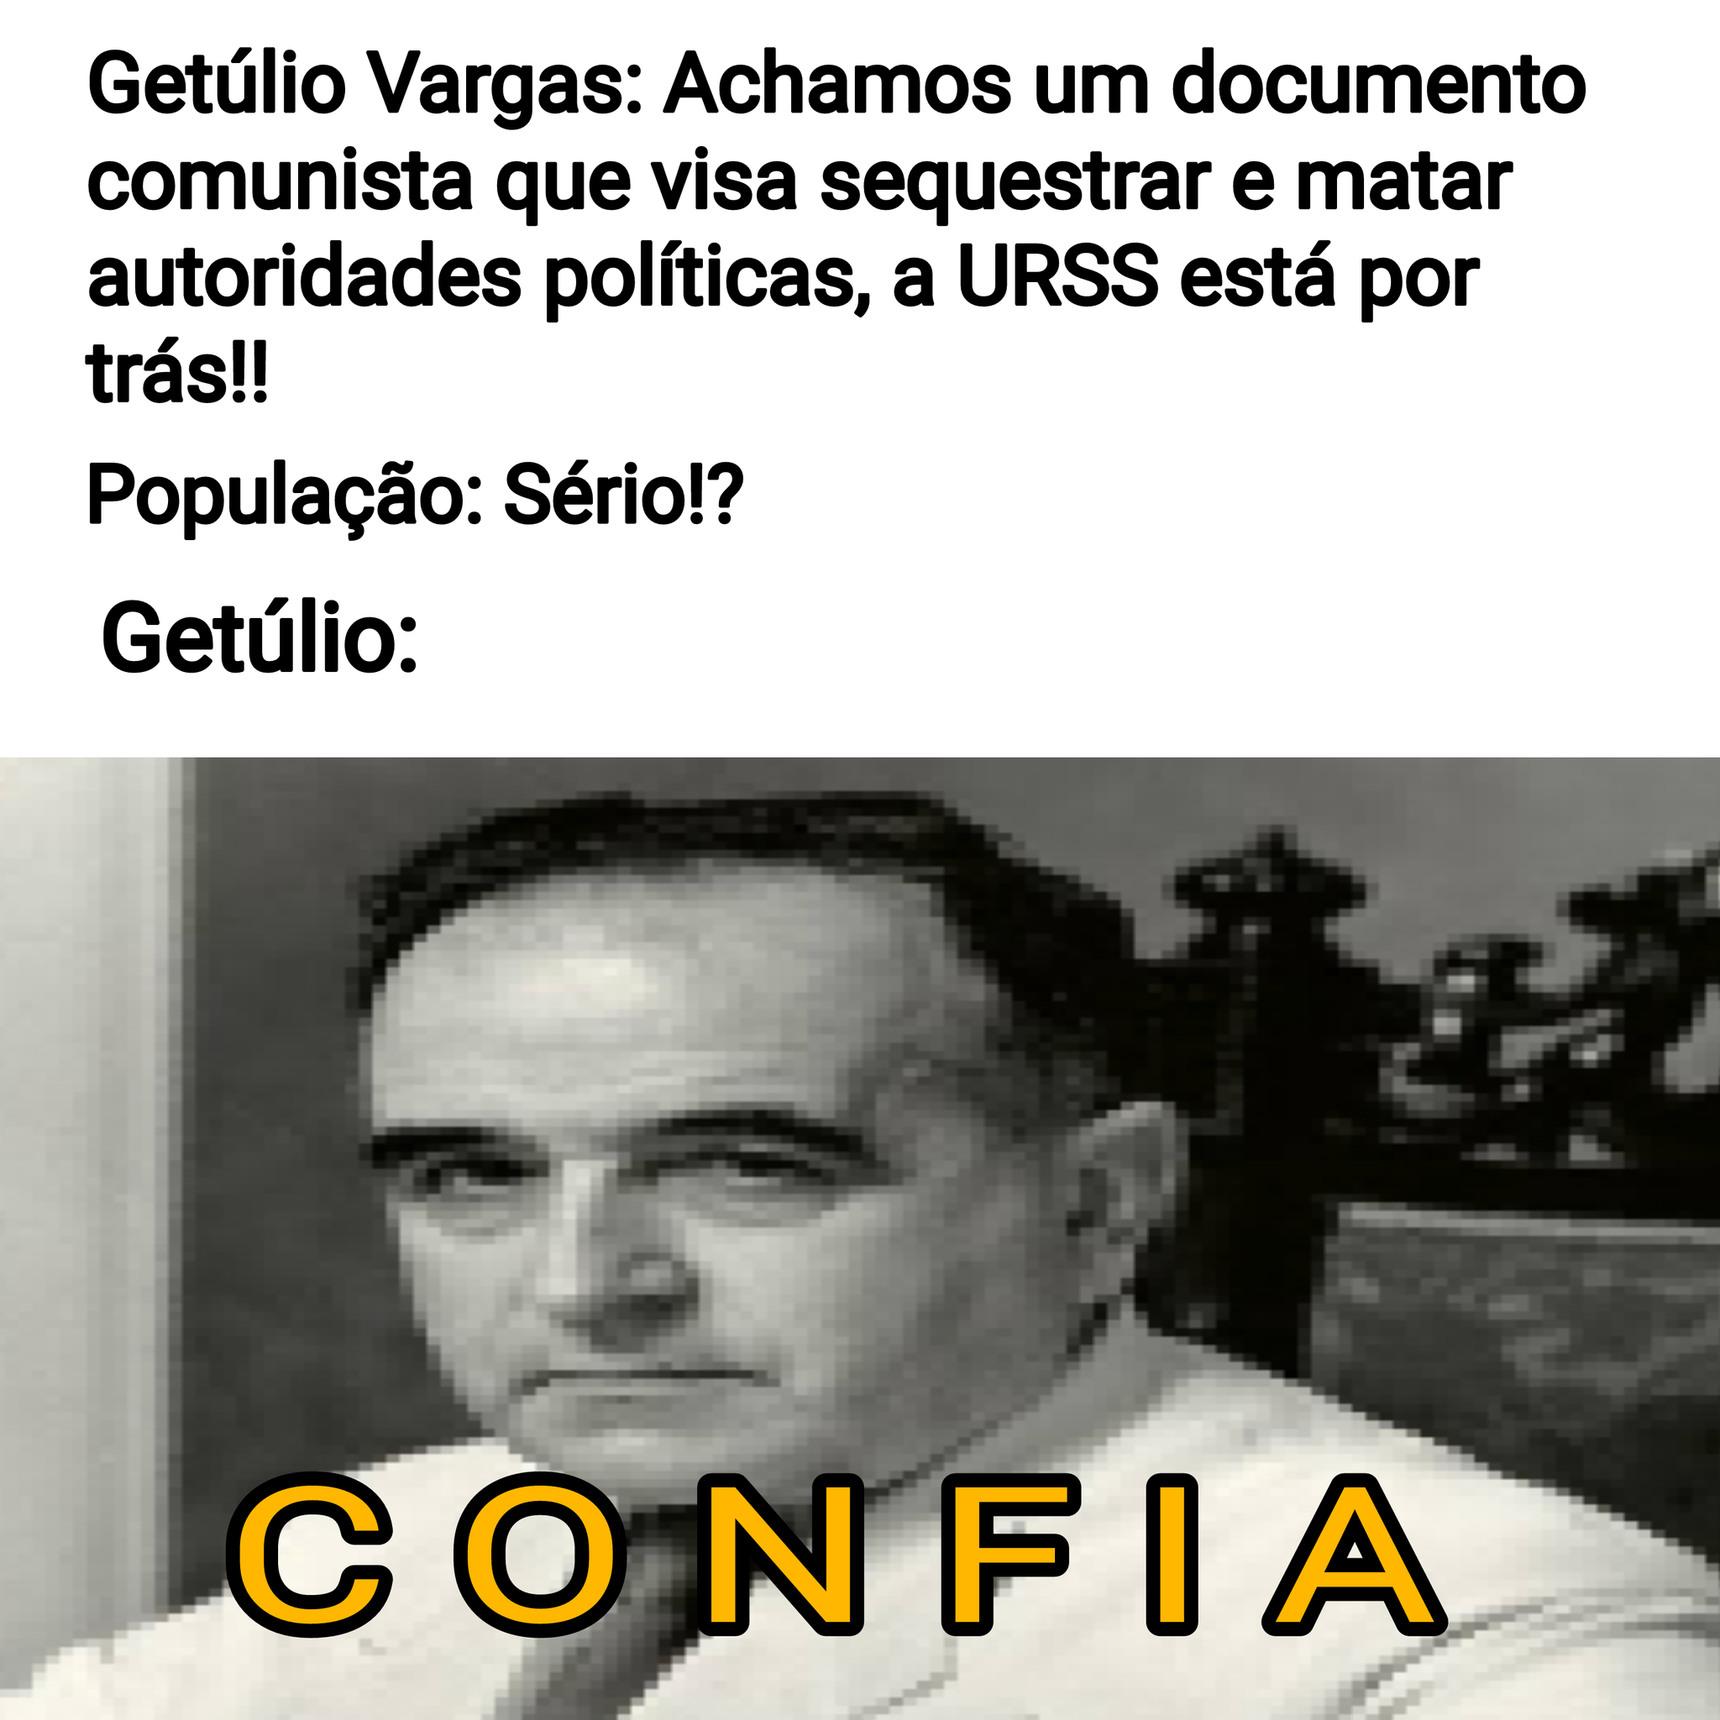 comunistas+helicópitero= mundo melhor - meme